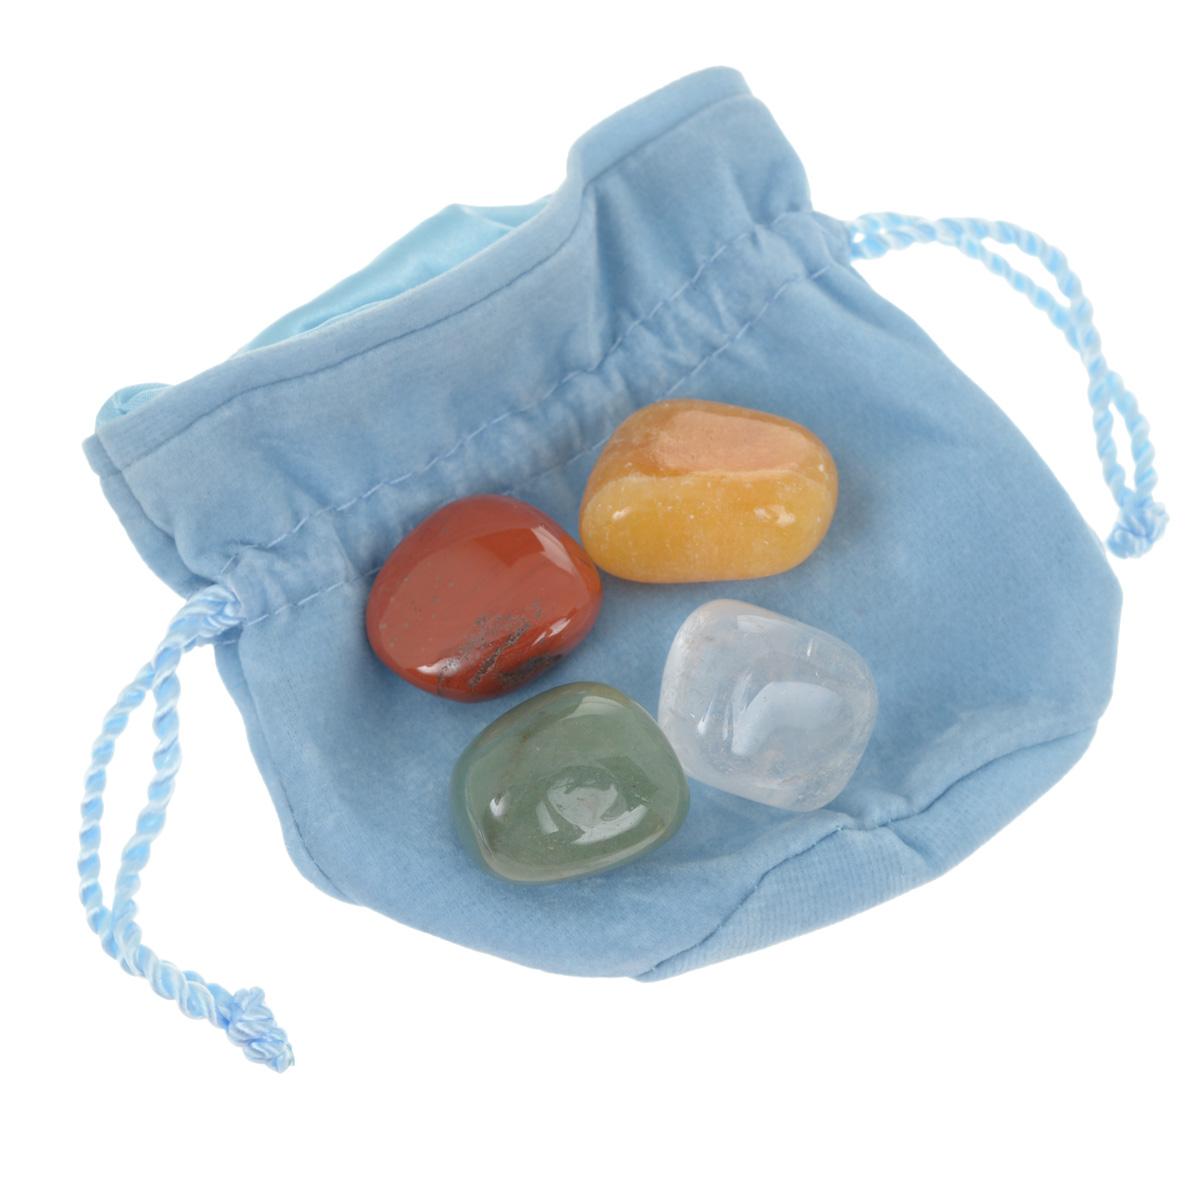 Астрологические кристаллы Lo Scarabeo Близнецы, инструкция на русском языке. AST03AST03Астрологические кристаллы Близнецы включают в себя 4 магических камня, предназначенные для тех, кто родился под зодиакальным созвездием Близнецов: авантюрин, оранжевый кальцит, красная яшма, горный хрусталь. В комплект входит практичный мешочек для хранения камней, затягивающийся на шнурок-кулиску, и подробная инструкция на русском языке. Сила камней поможет вам преодолеть внутренние слабости и укрепить сильные стороны характера. Держите камни рядом с собой - в кармане, в тумбочке, в помещении, где вы работаете или спите.